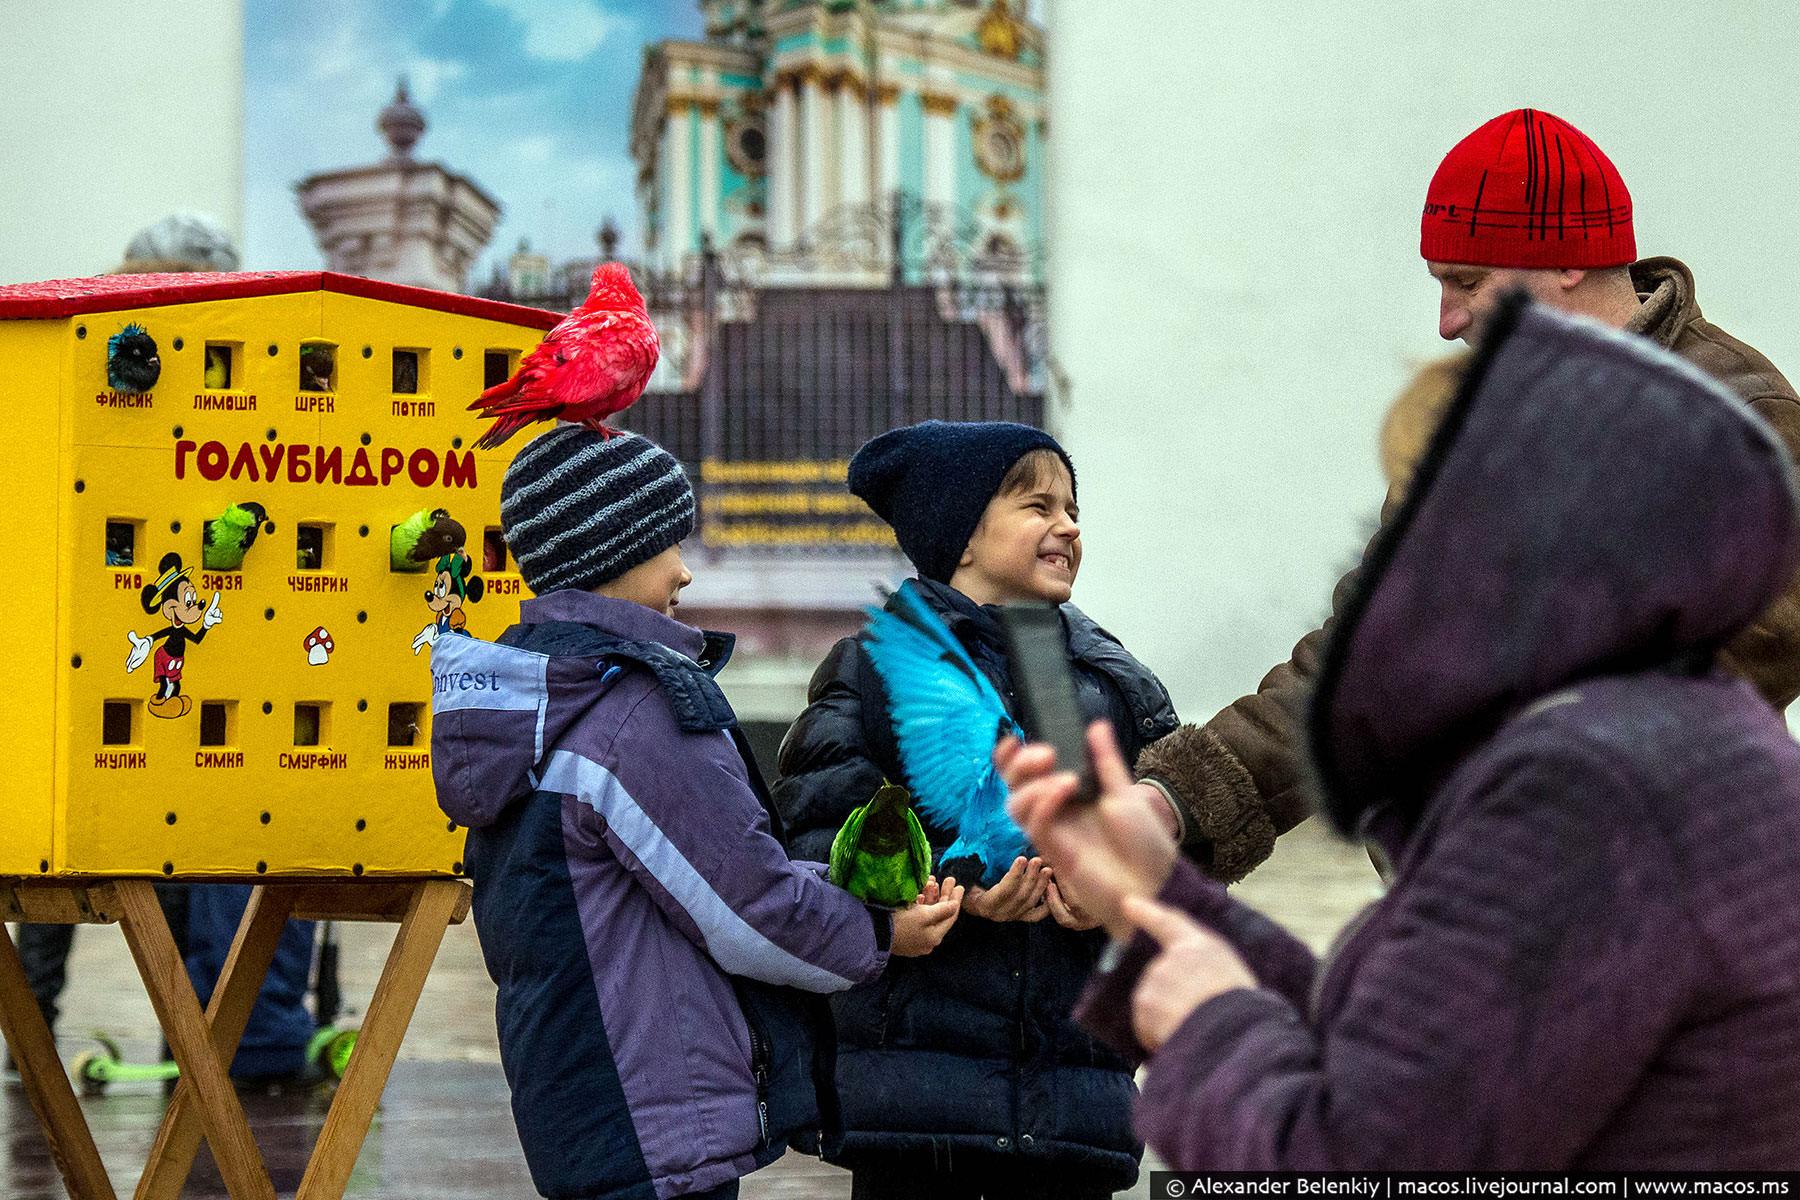 Голубидром в центре Киева: аттракцион для извращенцев